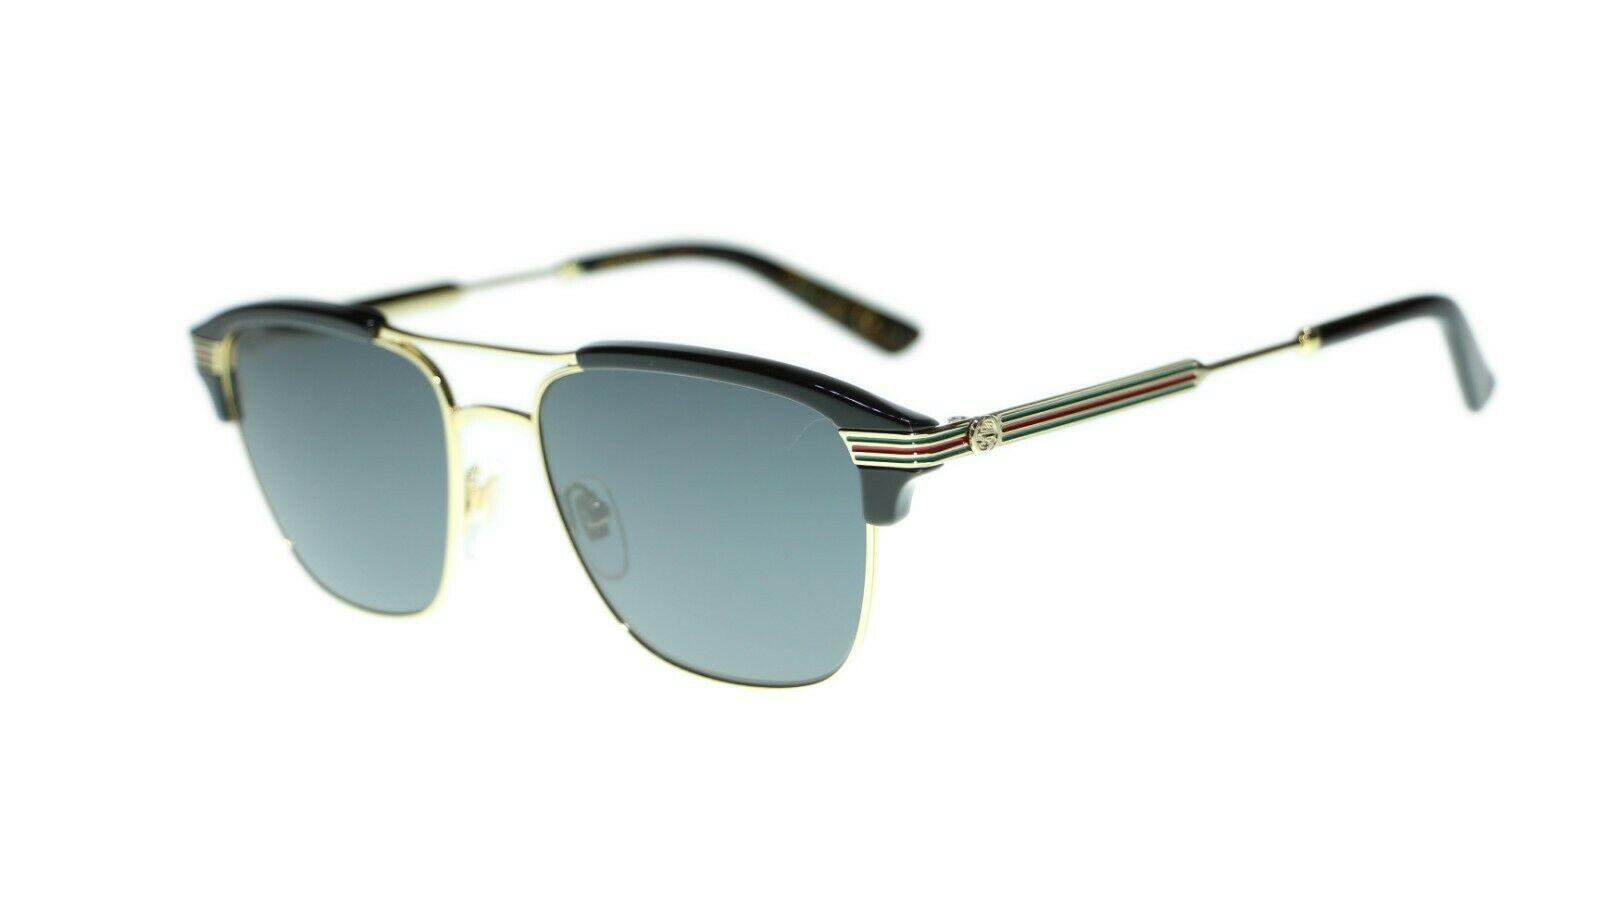 NEW Gucci Men's Sunglasses GG0241S 002 003 004 Square 54mm Authentic - $255.00